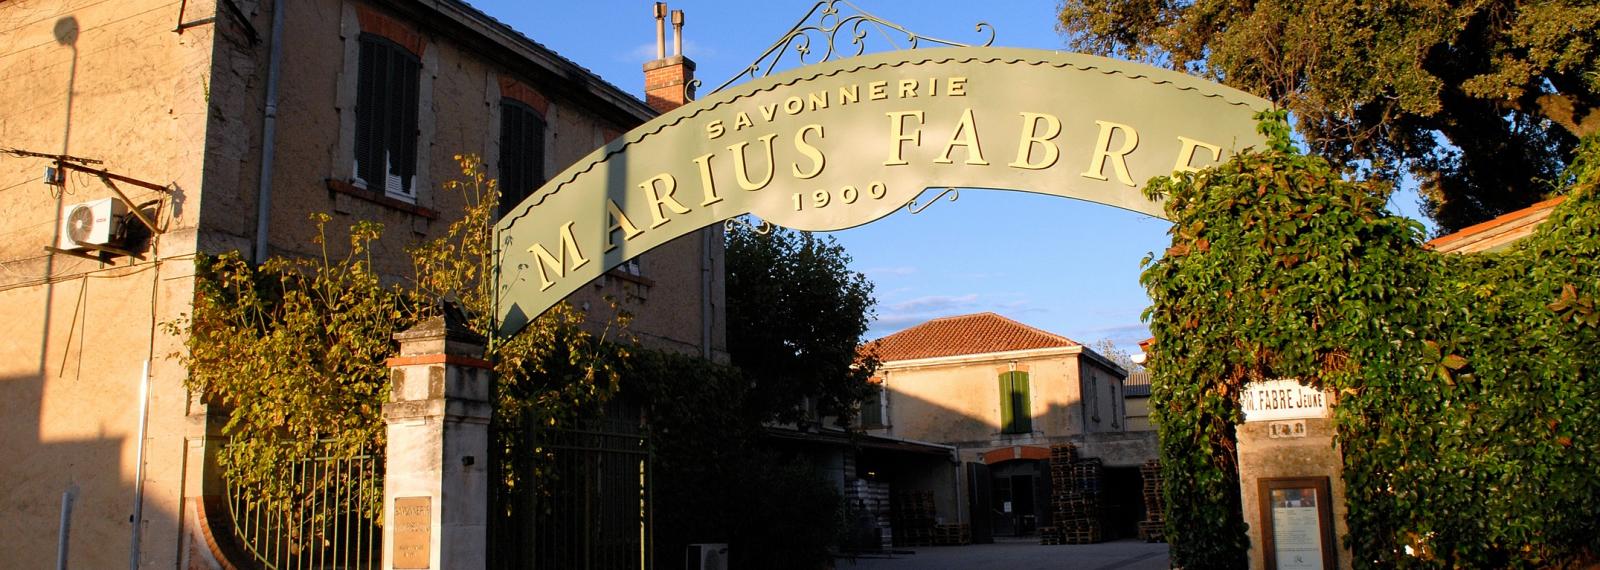 Savonnerie Marius Fabre à Salon-de-Provence